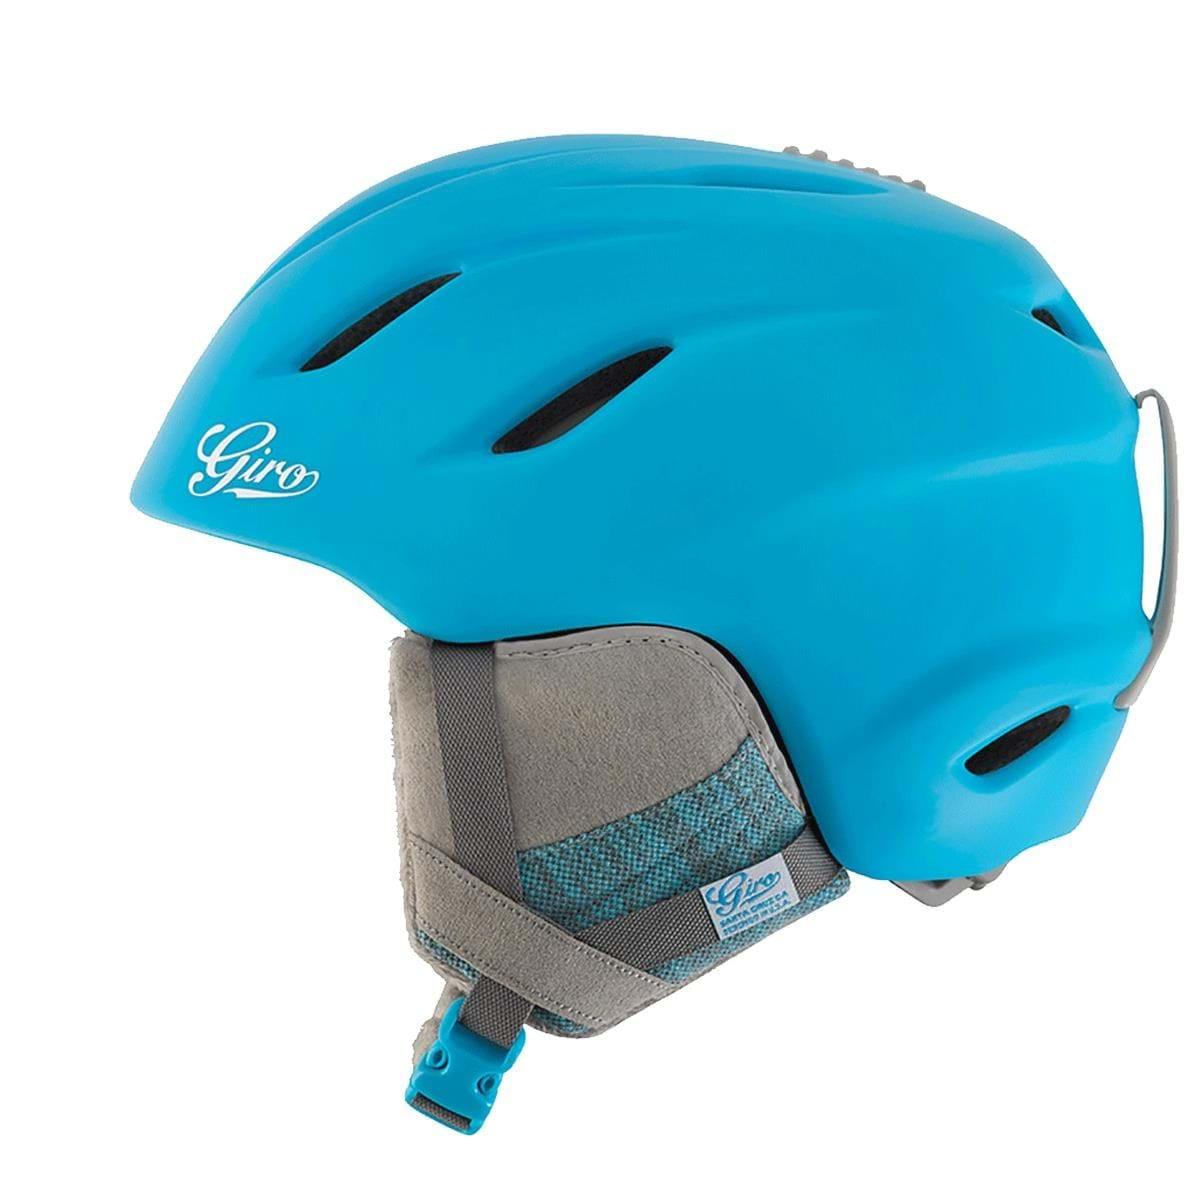 Era Women's Snow Helmet